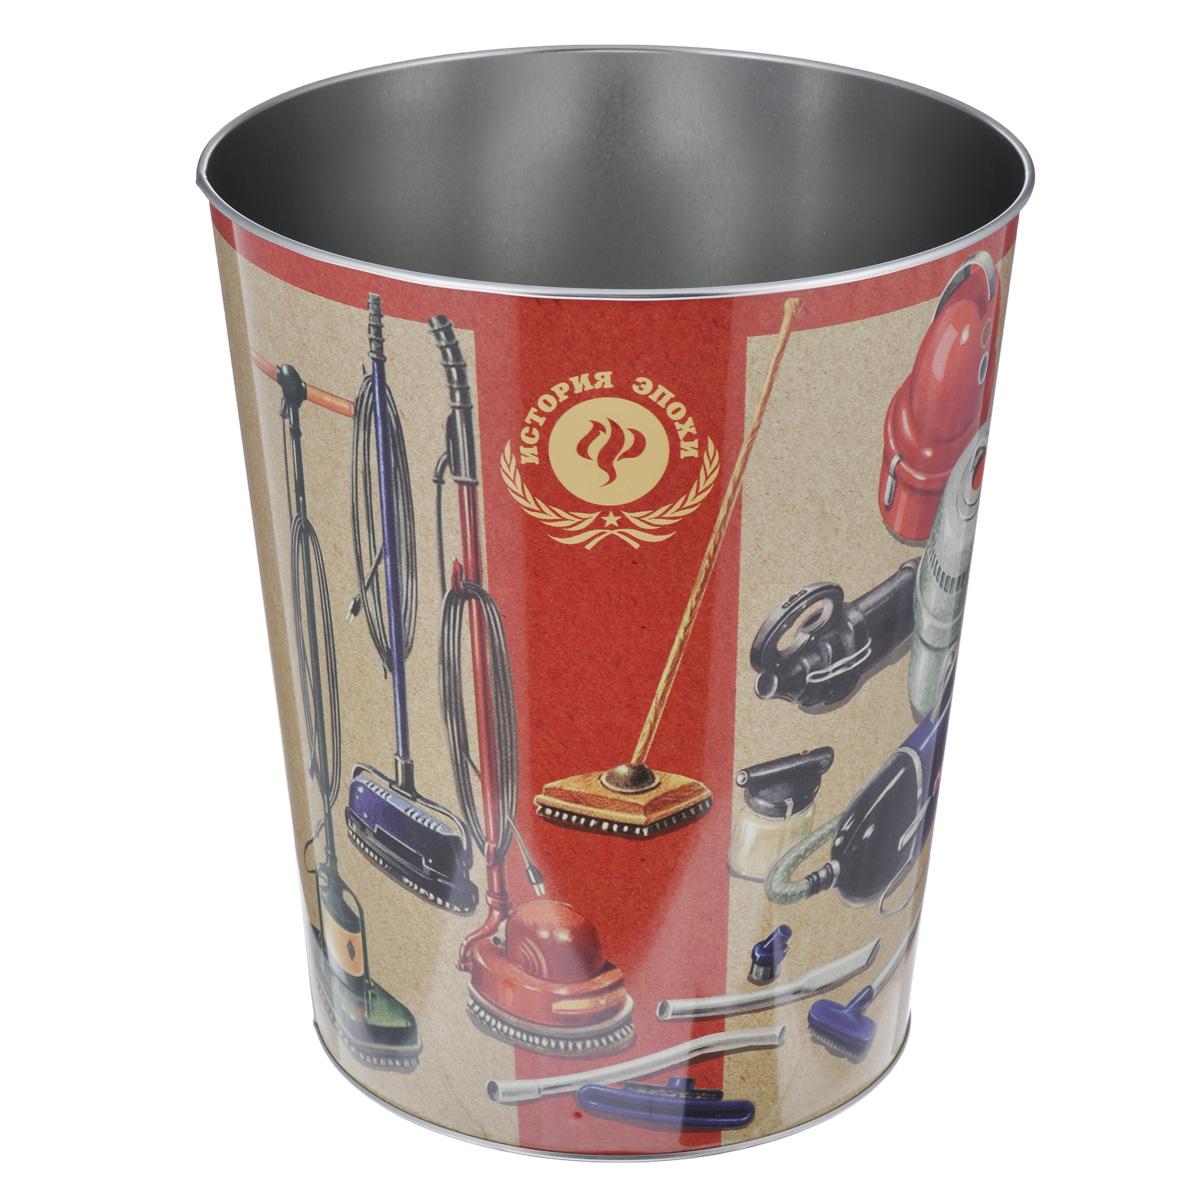 Ведро для мусора Феникс-презент Пылесосы37663Ведро для мусора Феникс-презент Пылесосы изготовлено из металла с изображением старых советских пылесосов. Такой аксессуар очень удобен в использовании, как дома, так и в офисе и прекрасно подойдет для уборки и хранения мусора. Диаметр ведра: 22,5 см. Высота ведра: 26,5 см.